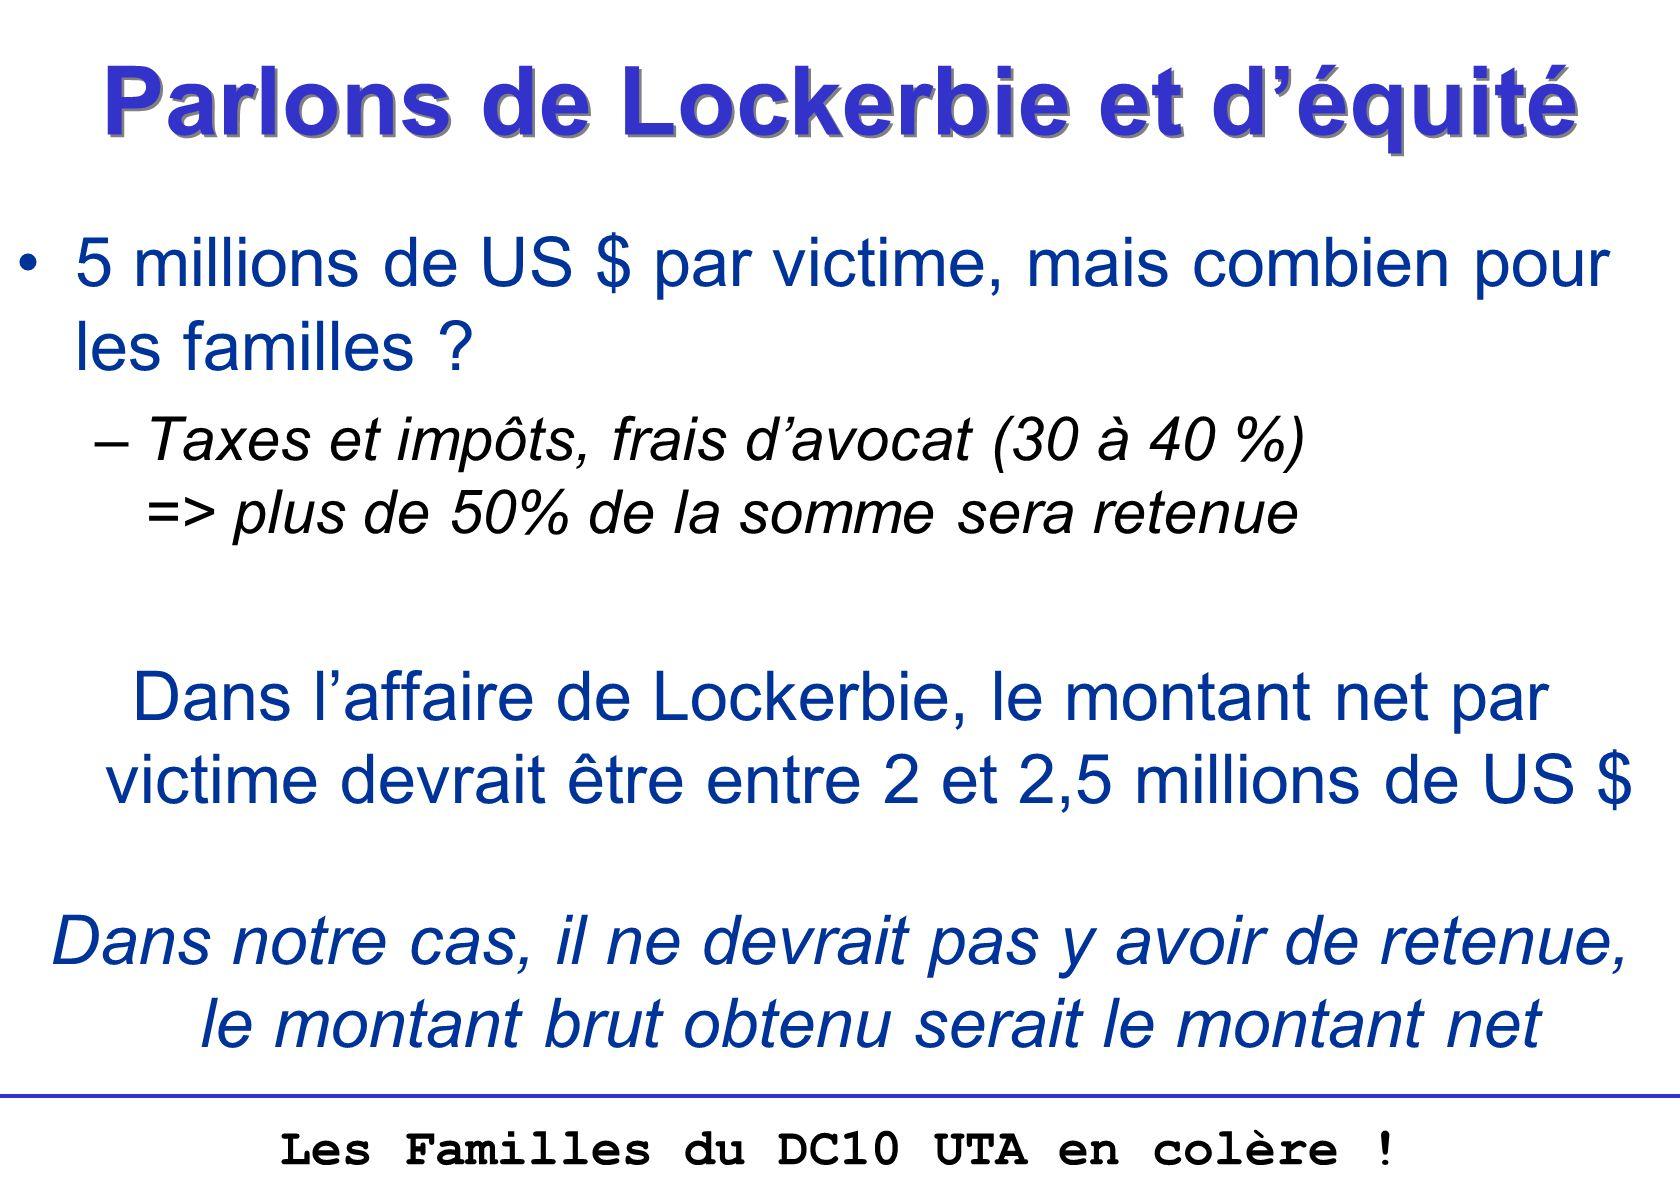 Parlons de Lockerbie et d'équité